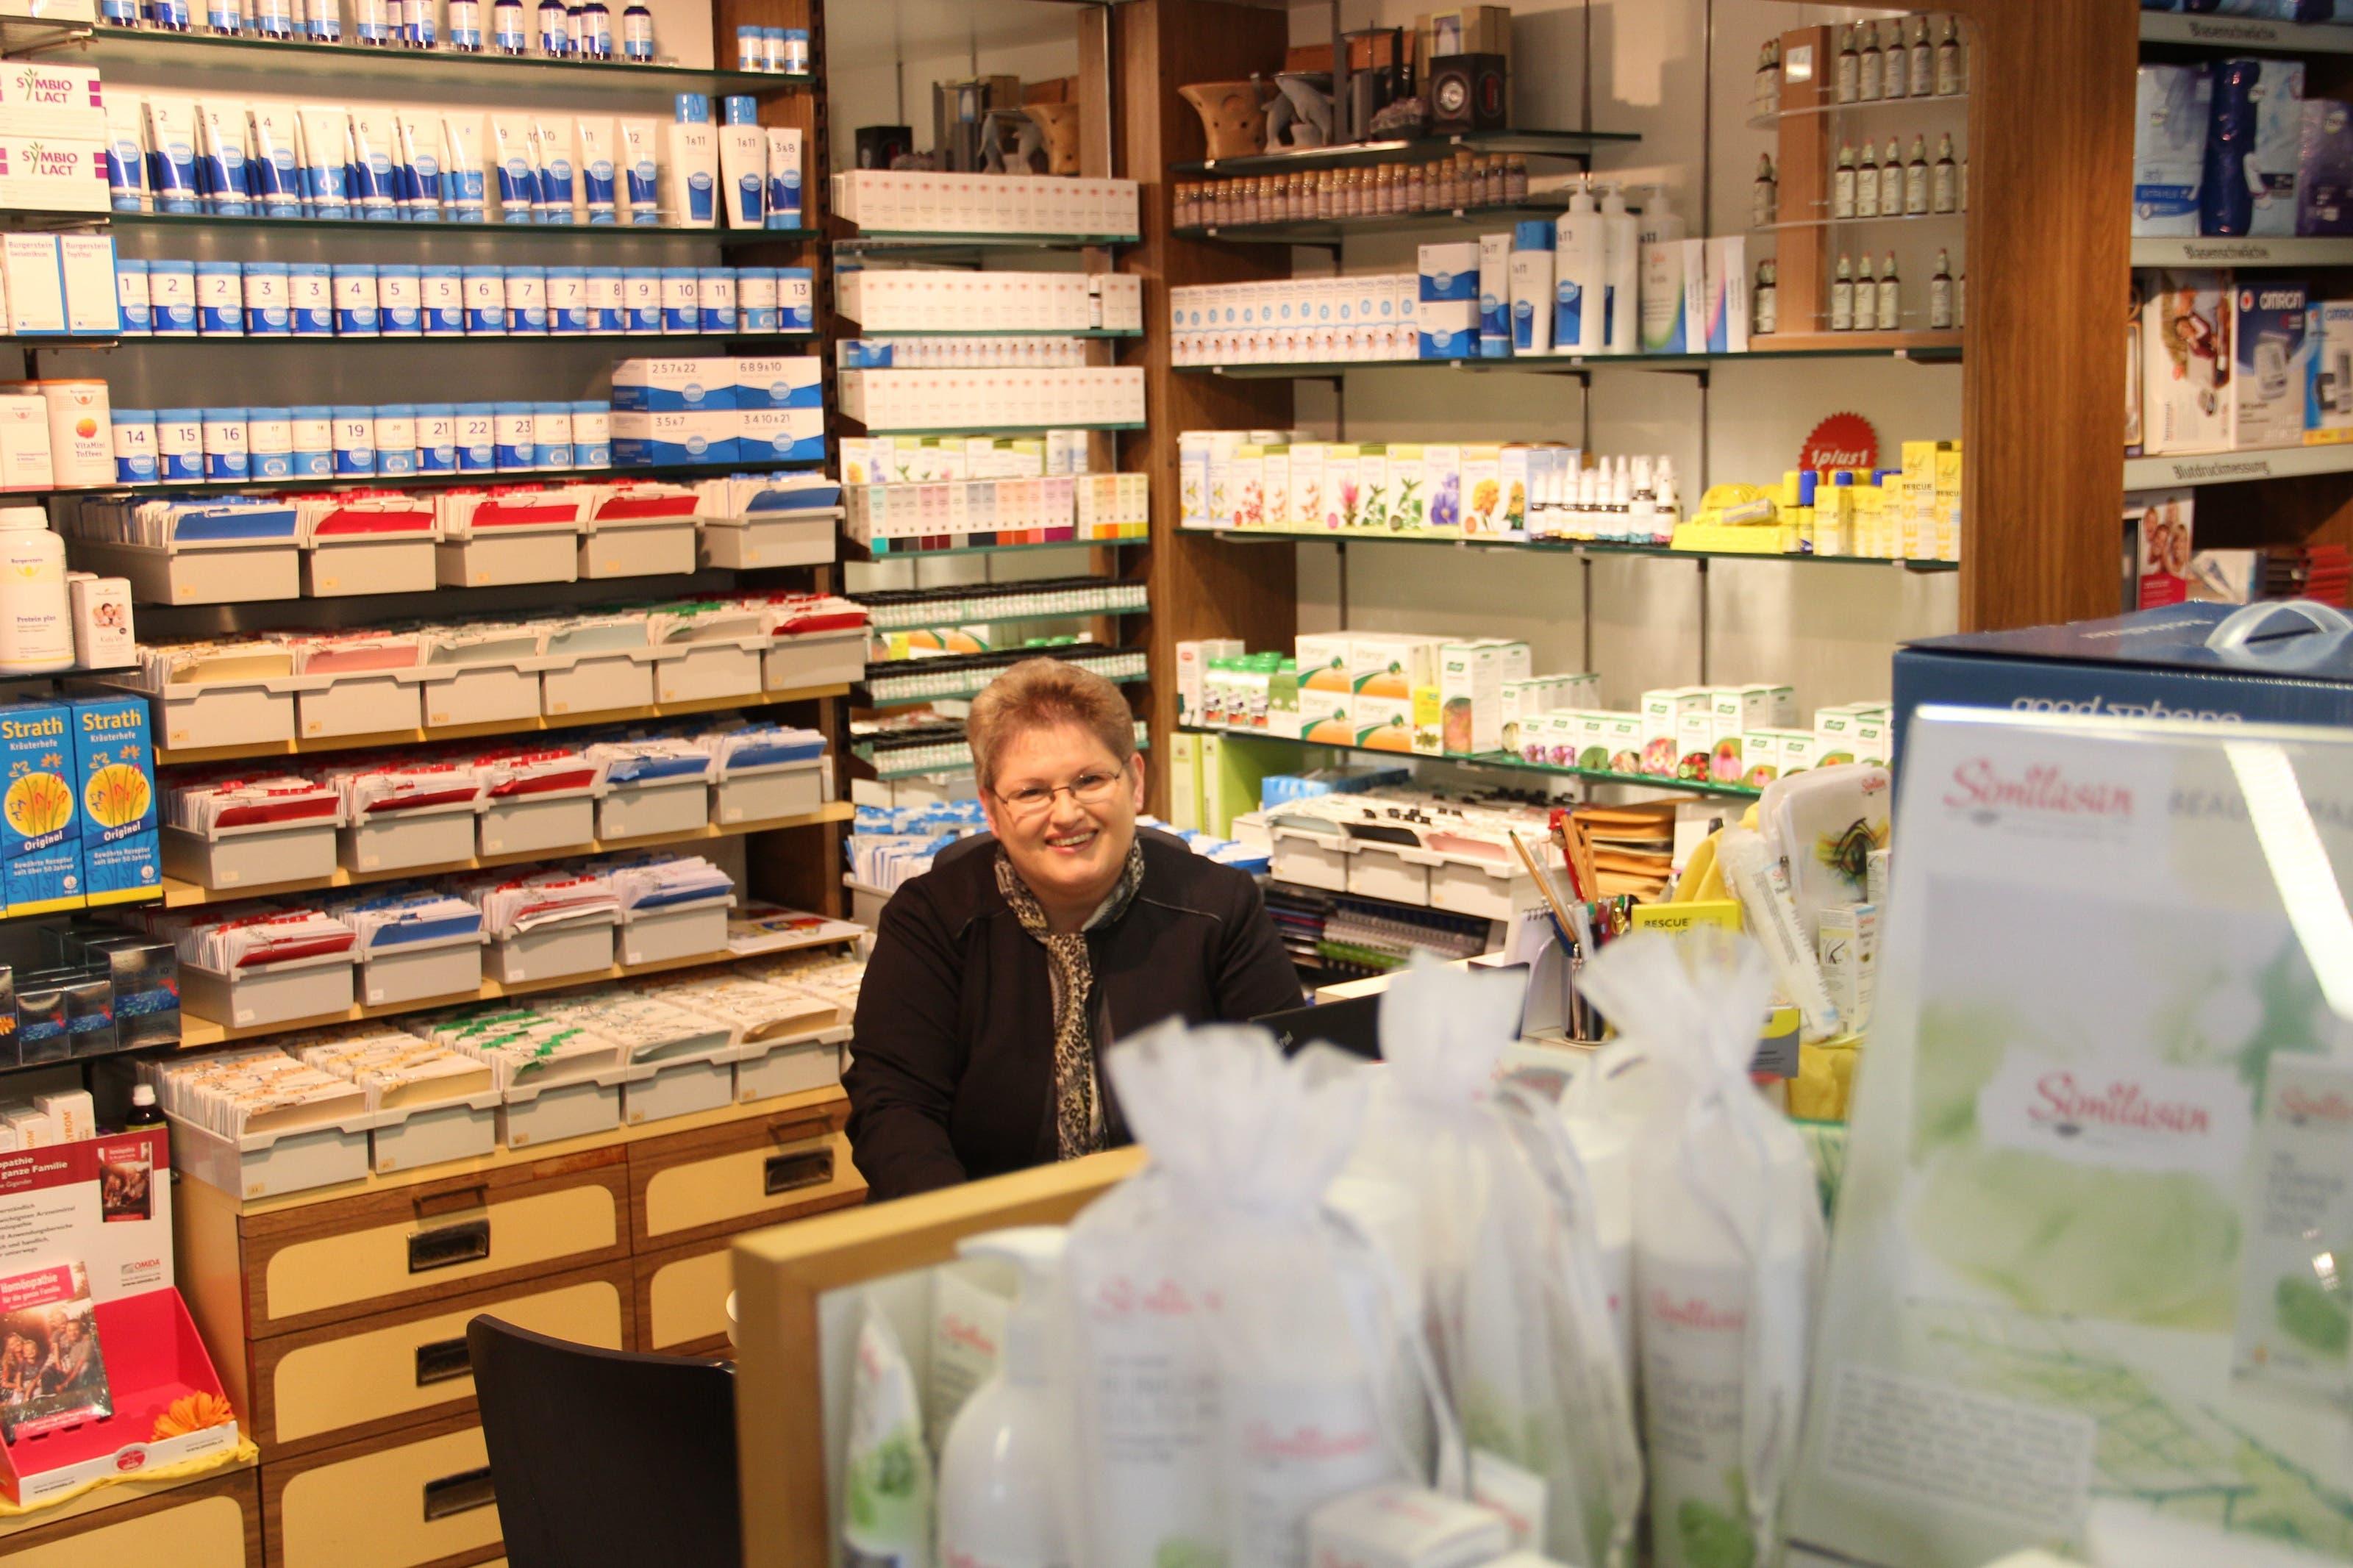 Maja Fabich-Stutz Inhaberin der Drogerie Stutz in Sarmenstorf: «Wenn man natürlich arbeiten will, dann darf man nicht chemisch denken. Die Spagyrik wird für jede Person individuell zusammengemischt.»